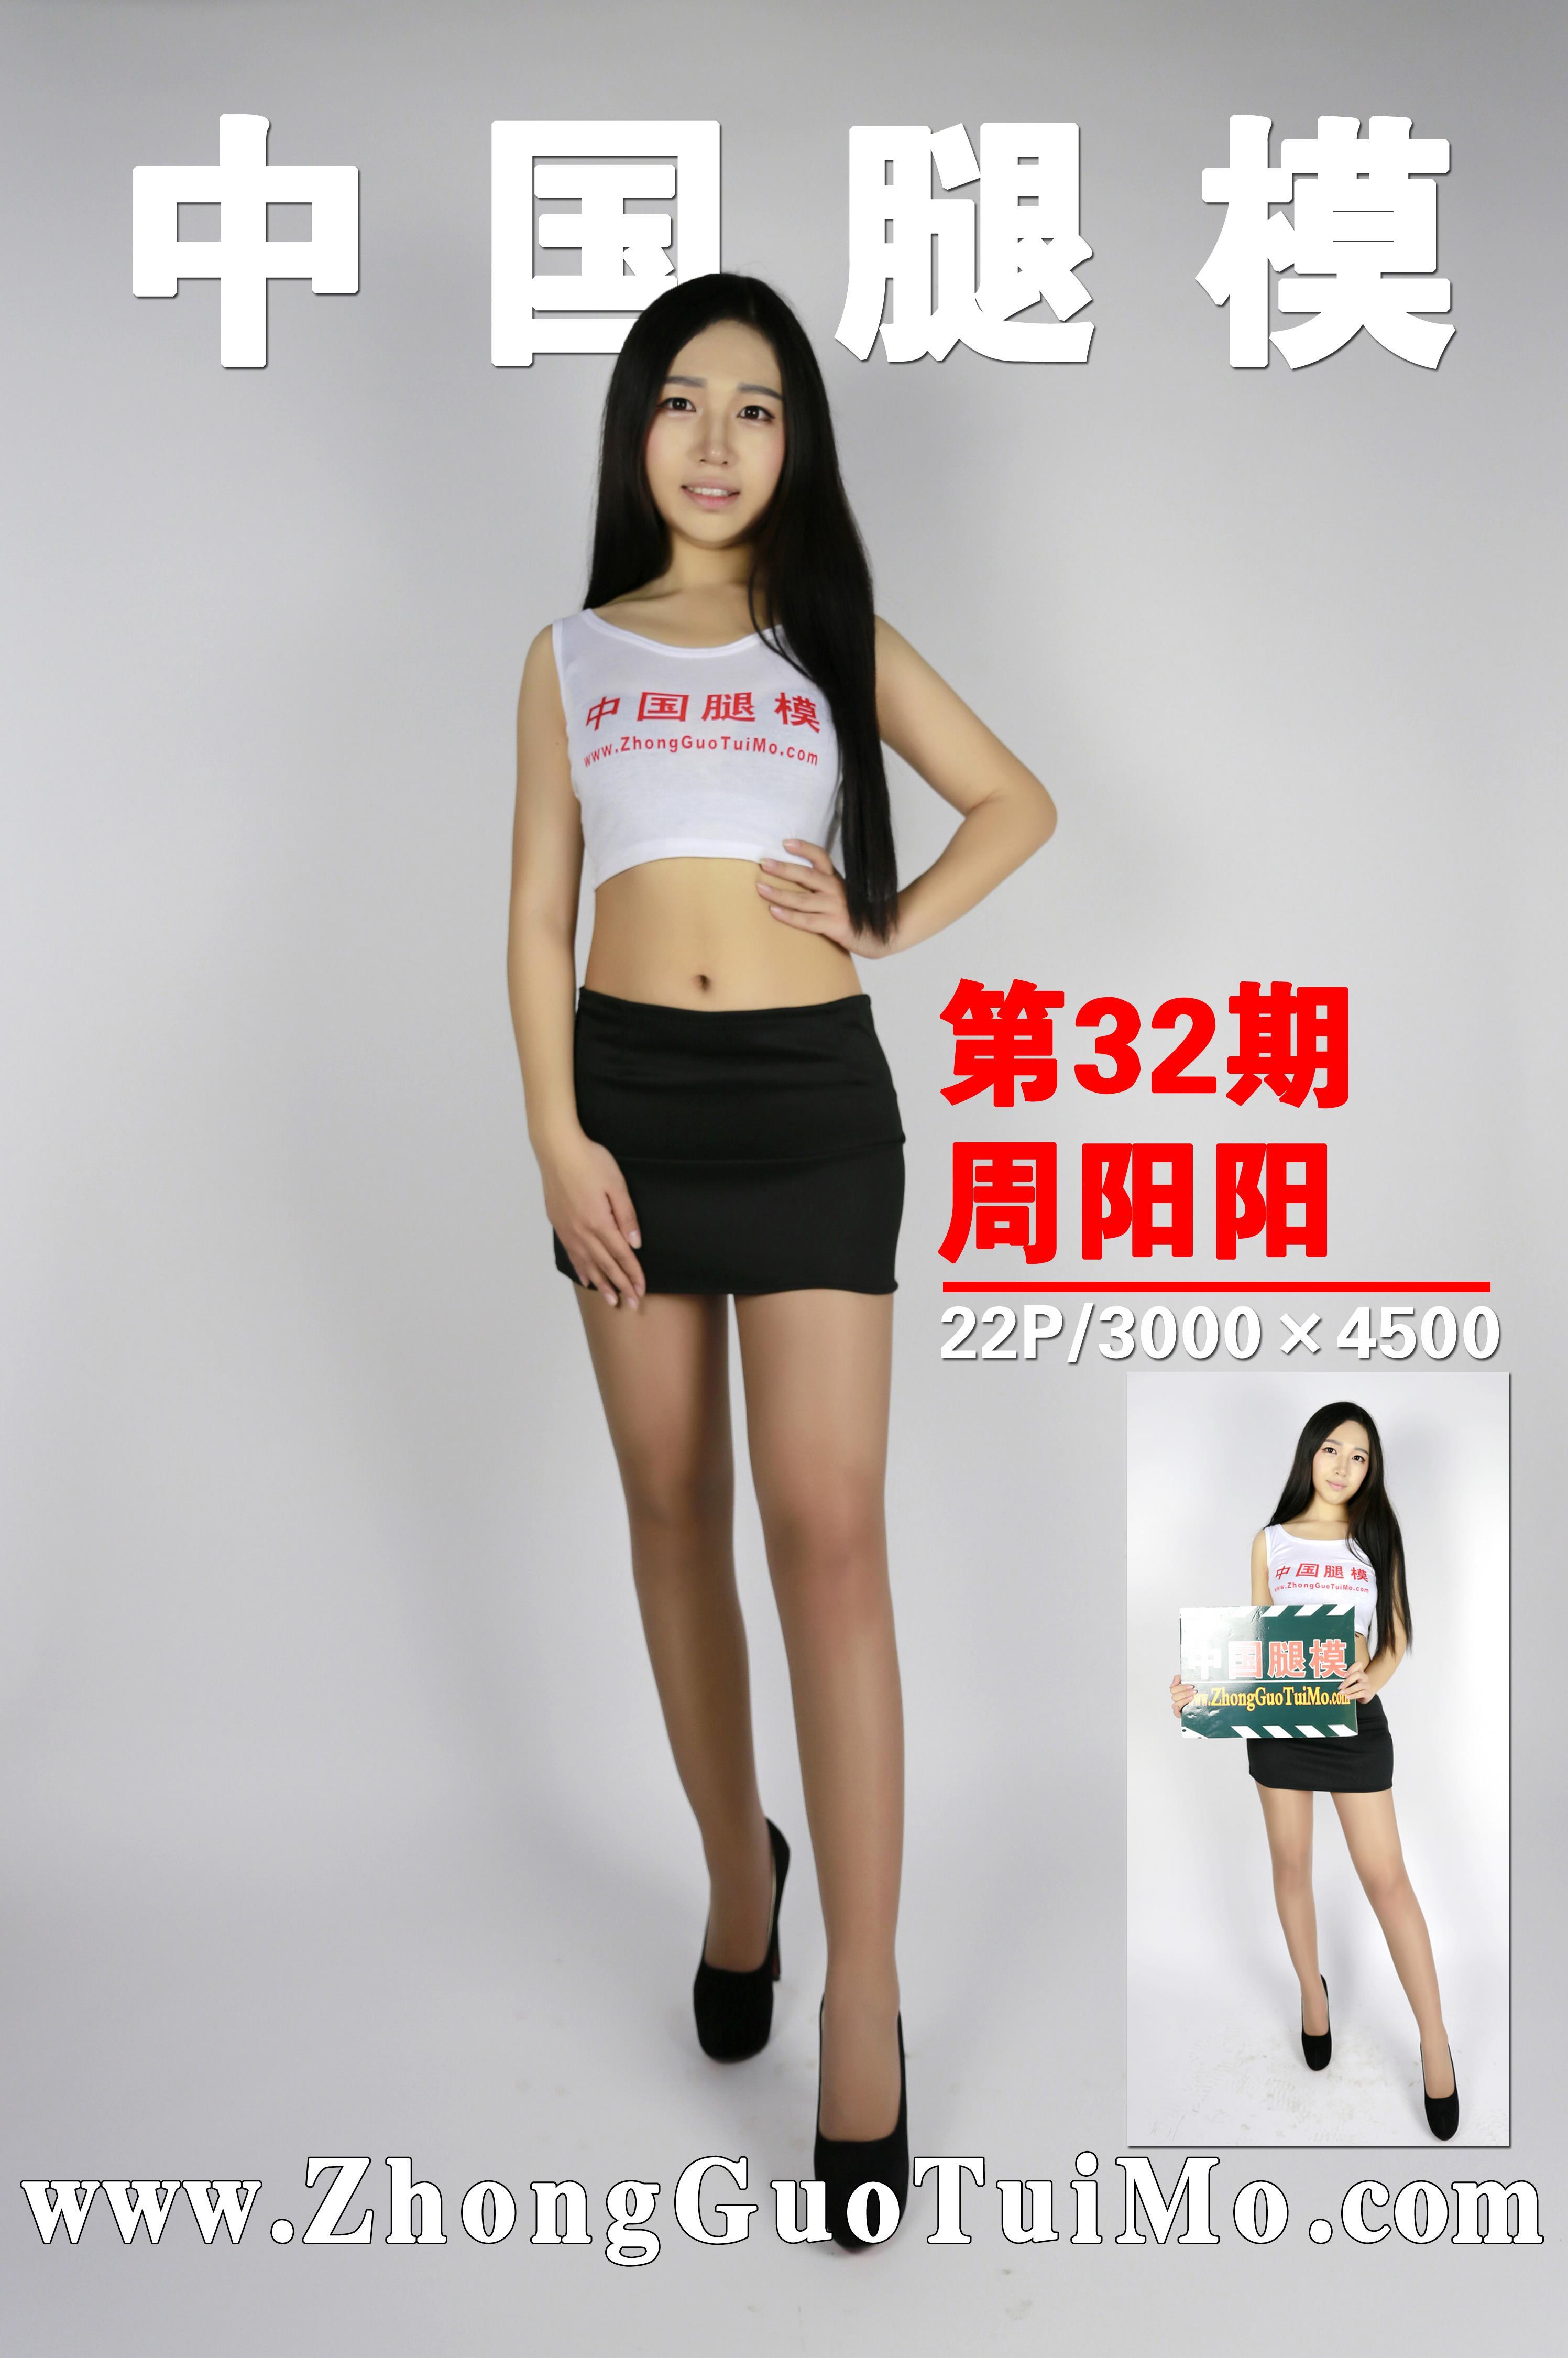 [中国腿模]No.032 周阳阳 白色性感小背心与黑色短裙加灰色丝袜美腿私房写真集